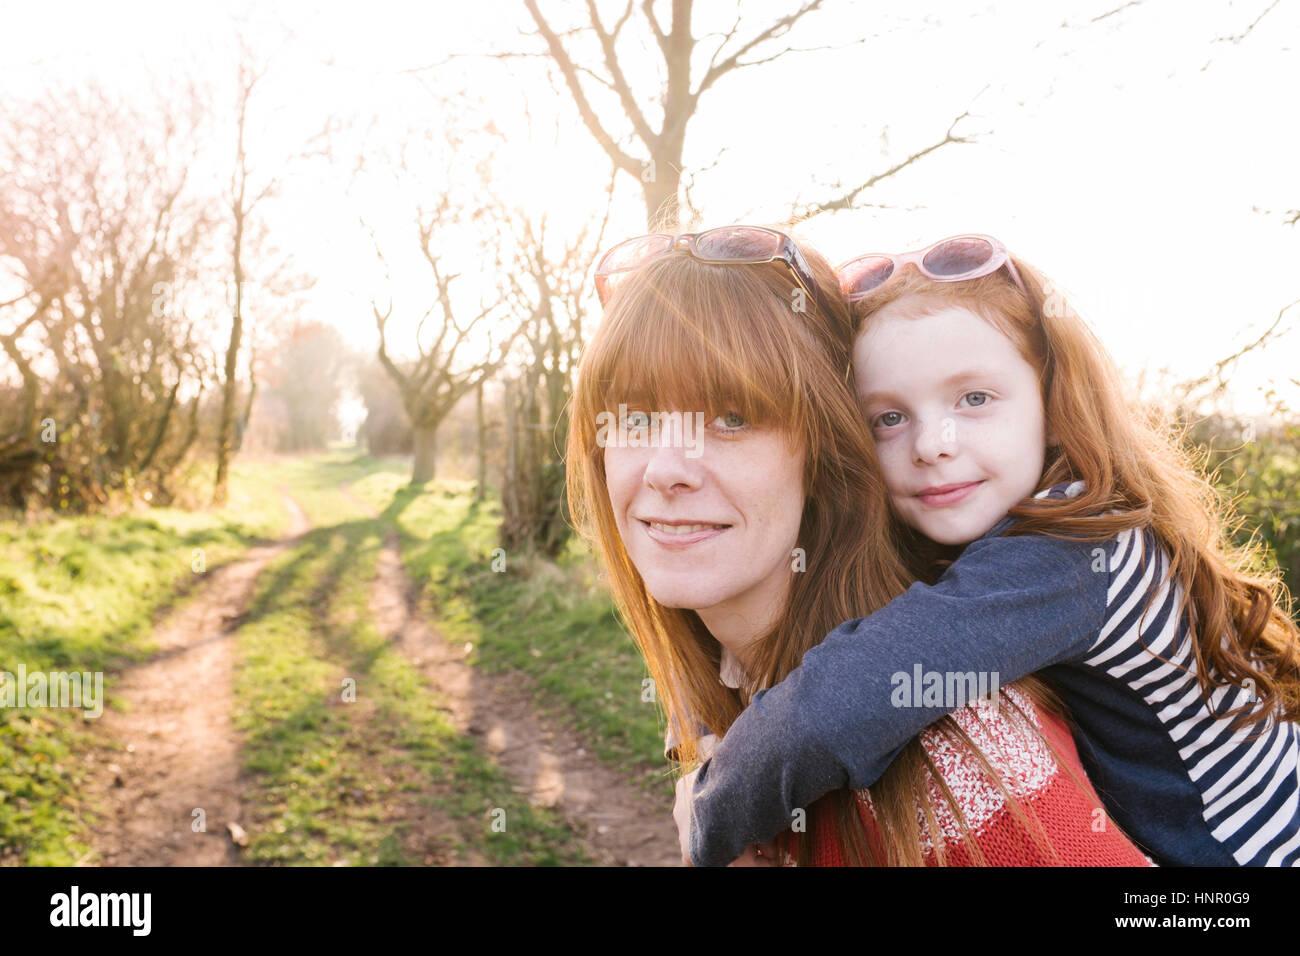 Ein kleines Mädchen gegeben einen Huckepack-Lift von der Mutter während eines Spaziergangs auf dem Lande Stockbild